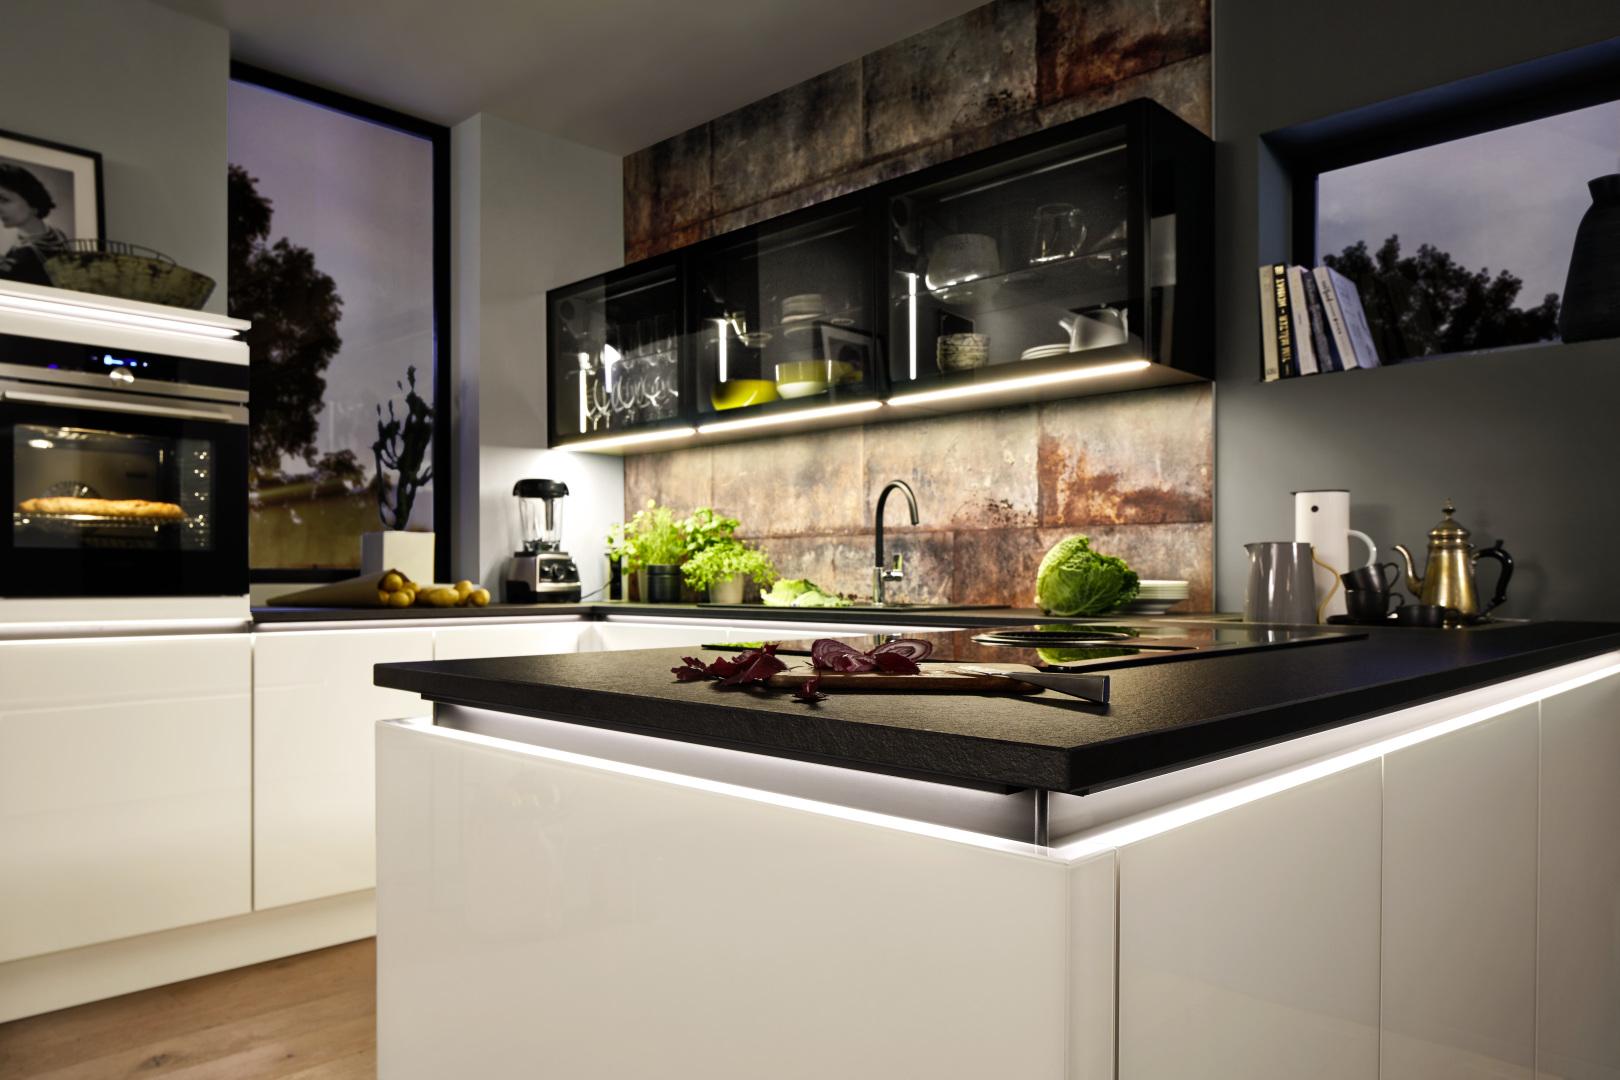 biała kuchnia ze szklanymi frontami nolte kuchen glas tec plus podświetlana listwa uchwytowa